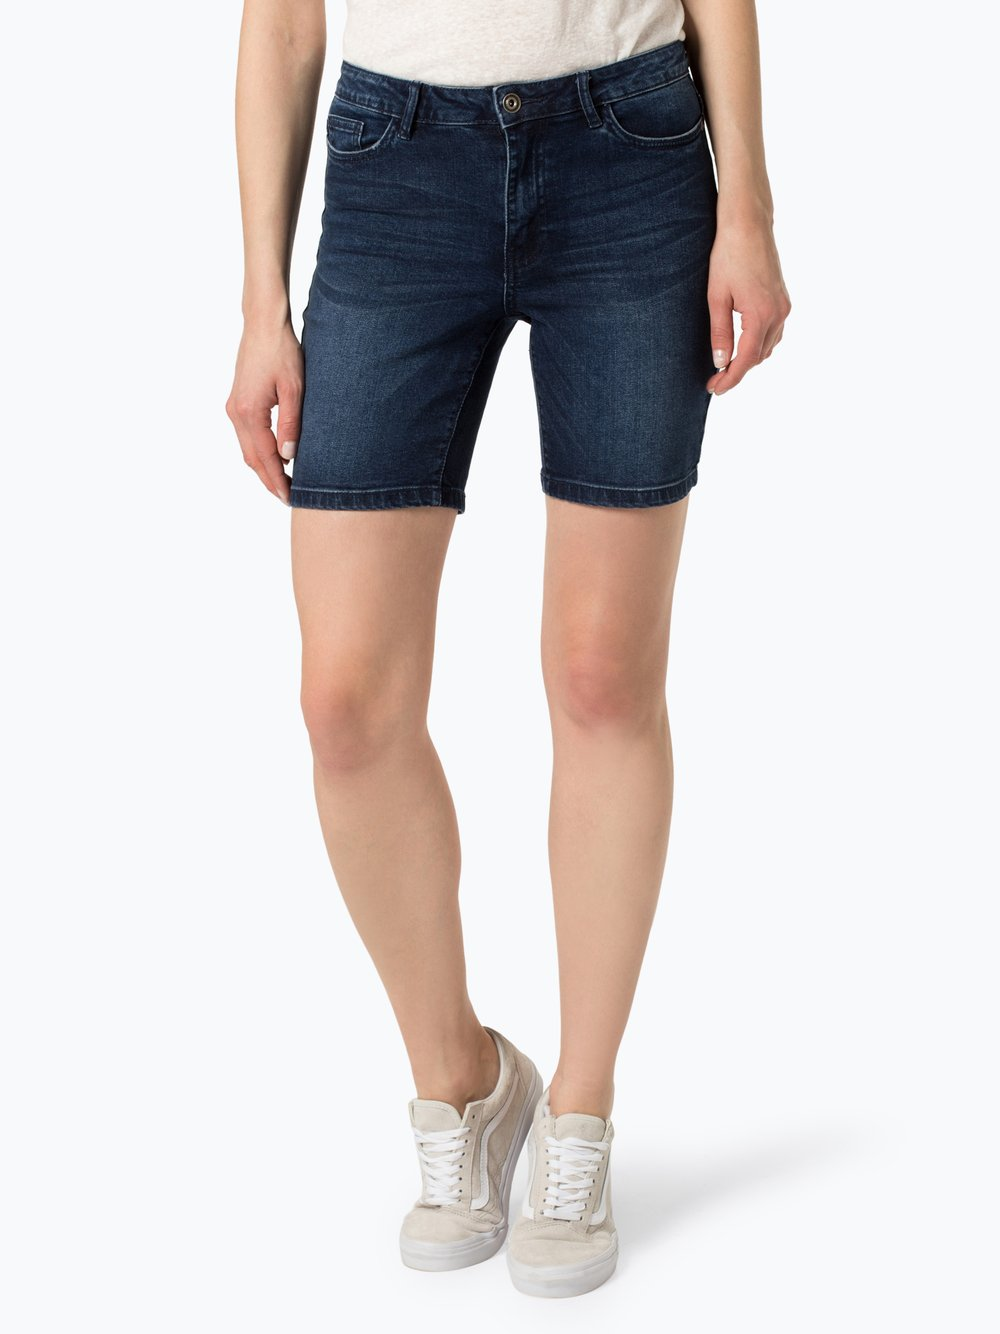 ONLY - Damskie krótkie spodenki jeansowe – Corin, niebieski